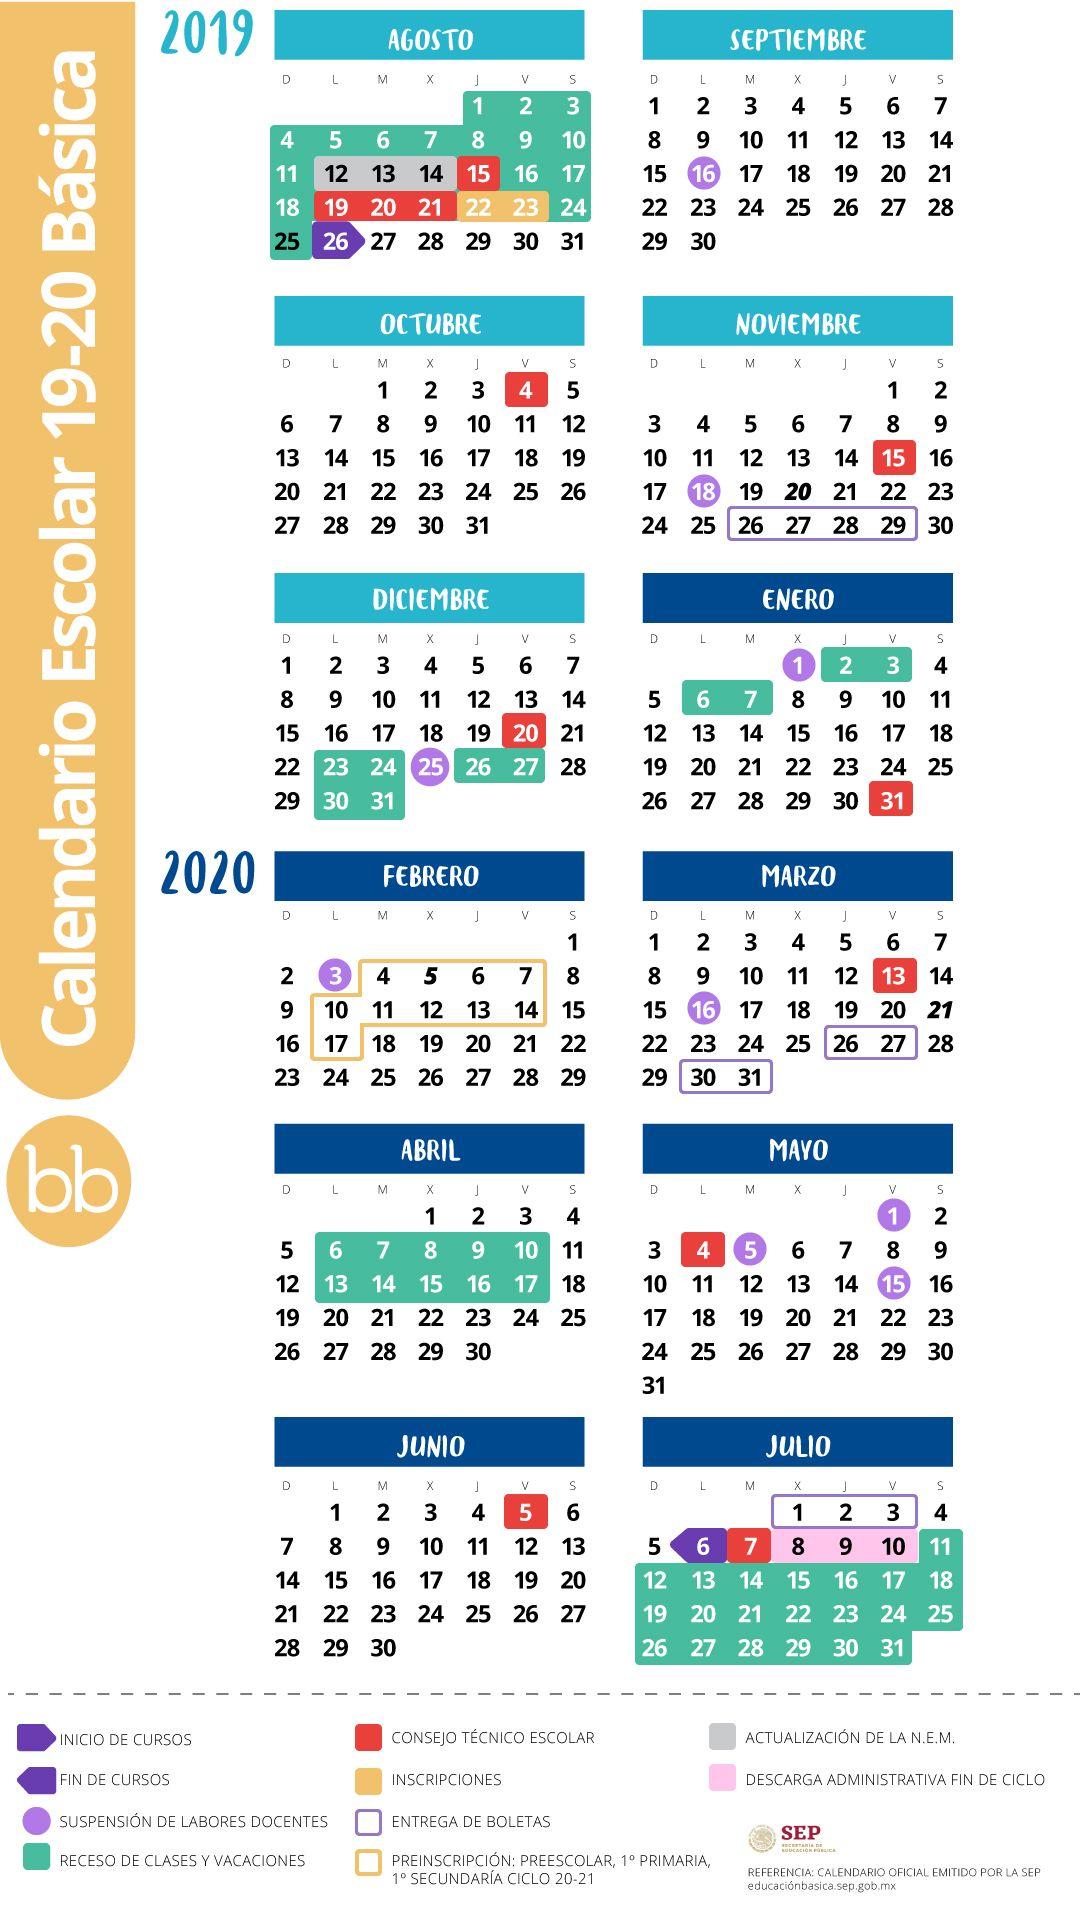 Adiós A Los Viernes De Consejo Técnico En El Nuevo for Calendario Escolar Sep 2020 2020